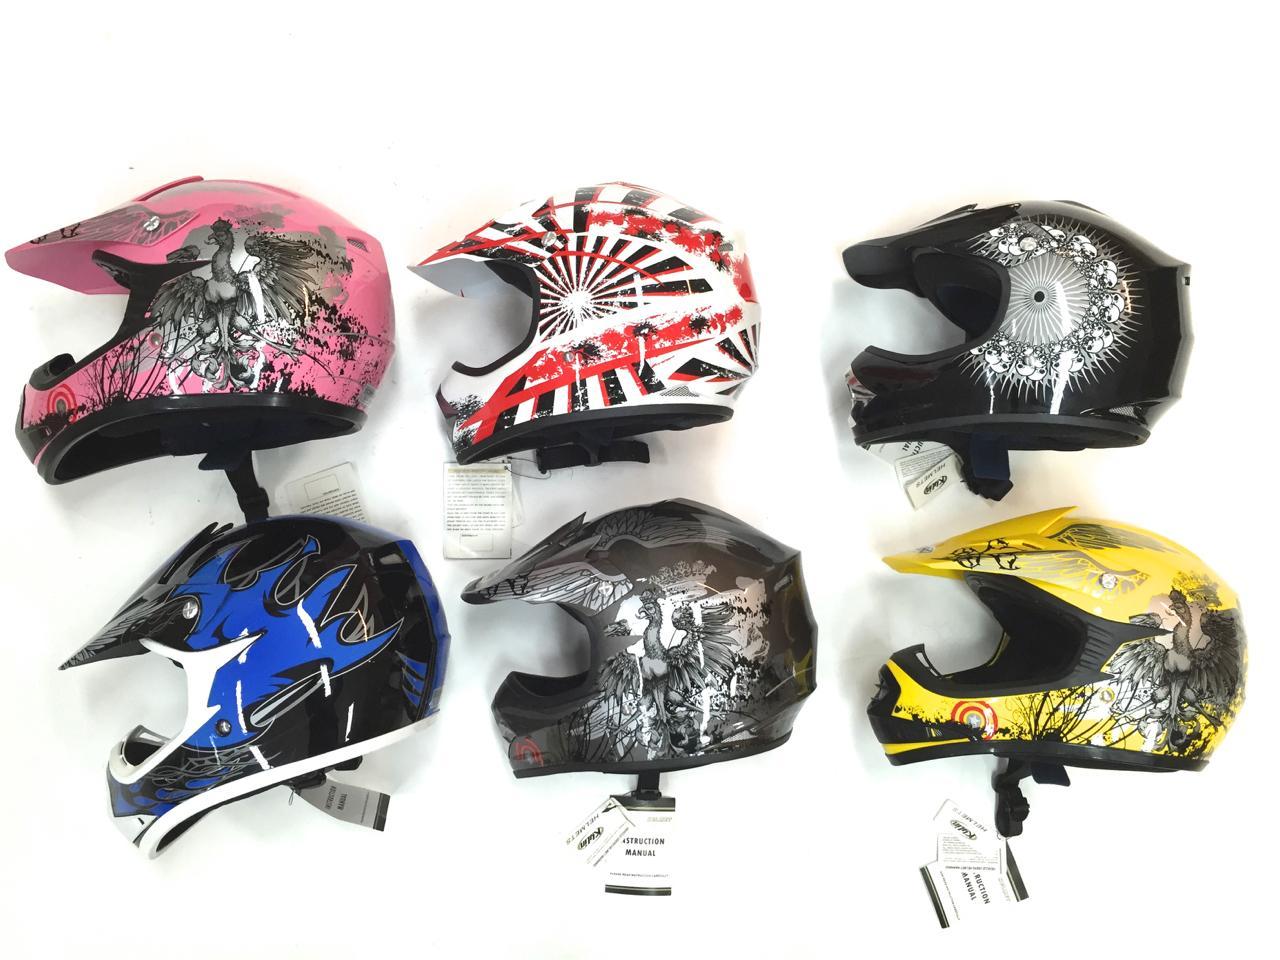 Godt utvalg i attraktive ECE godkjente hjelmer